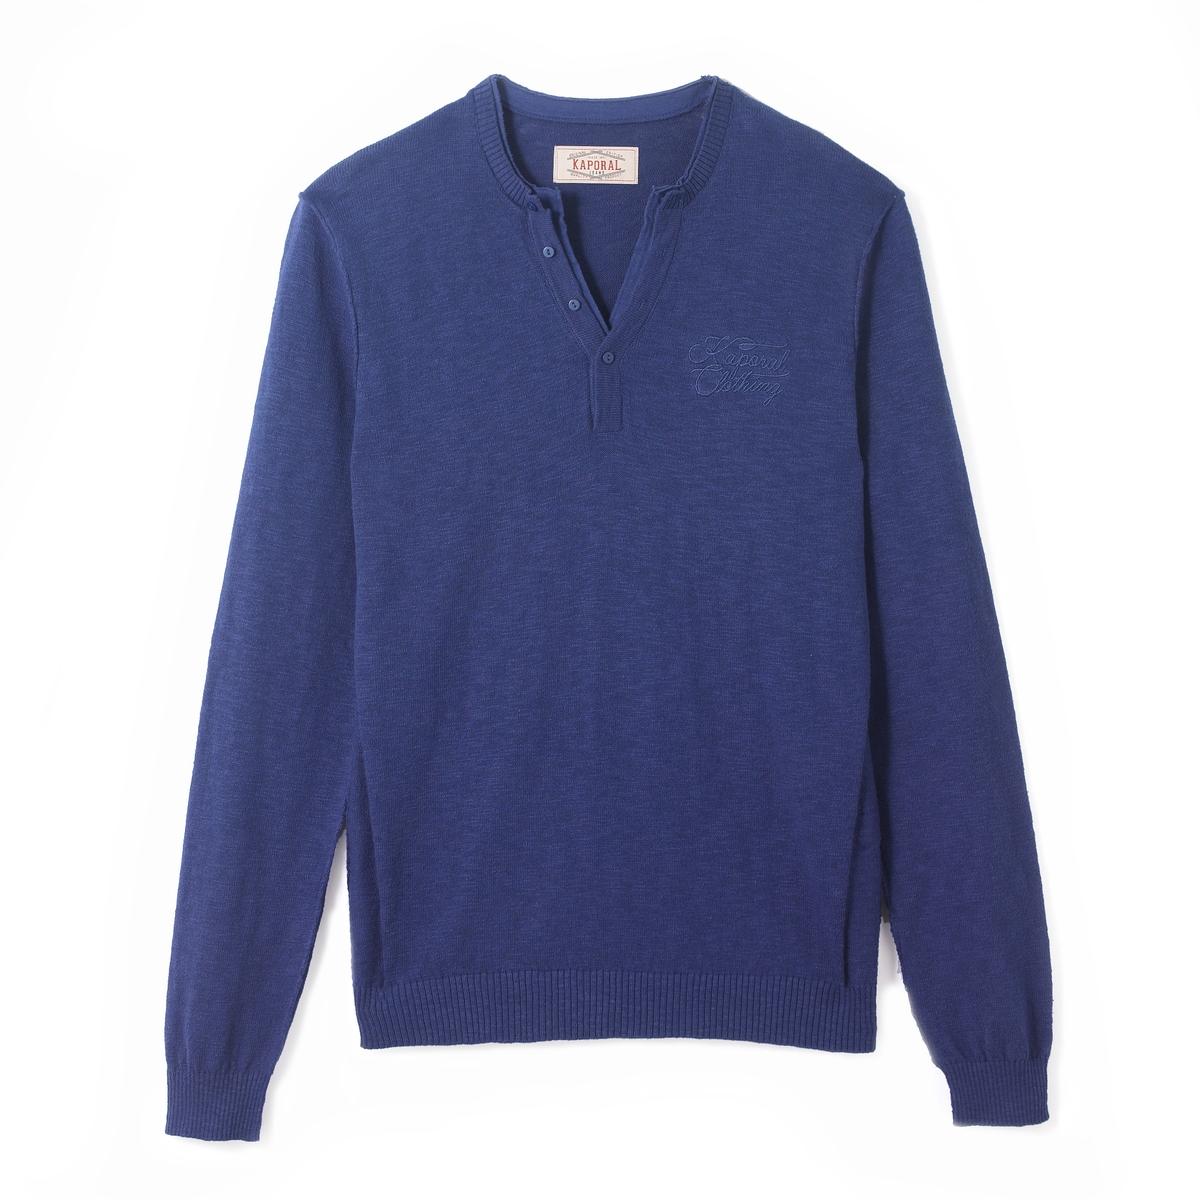 Пуловер с круглым вырезомСостав и описаниеМатериал: 100% хлопок.Марка:  KAPORAL.<br><br>Цвет: синий,черный<br>Размер: S.M.L